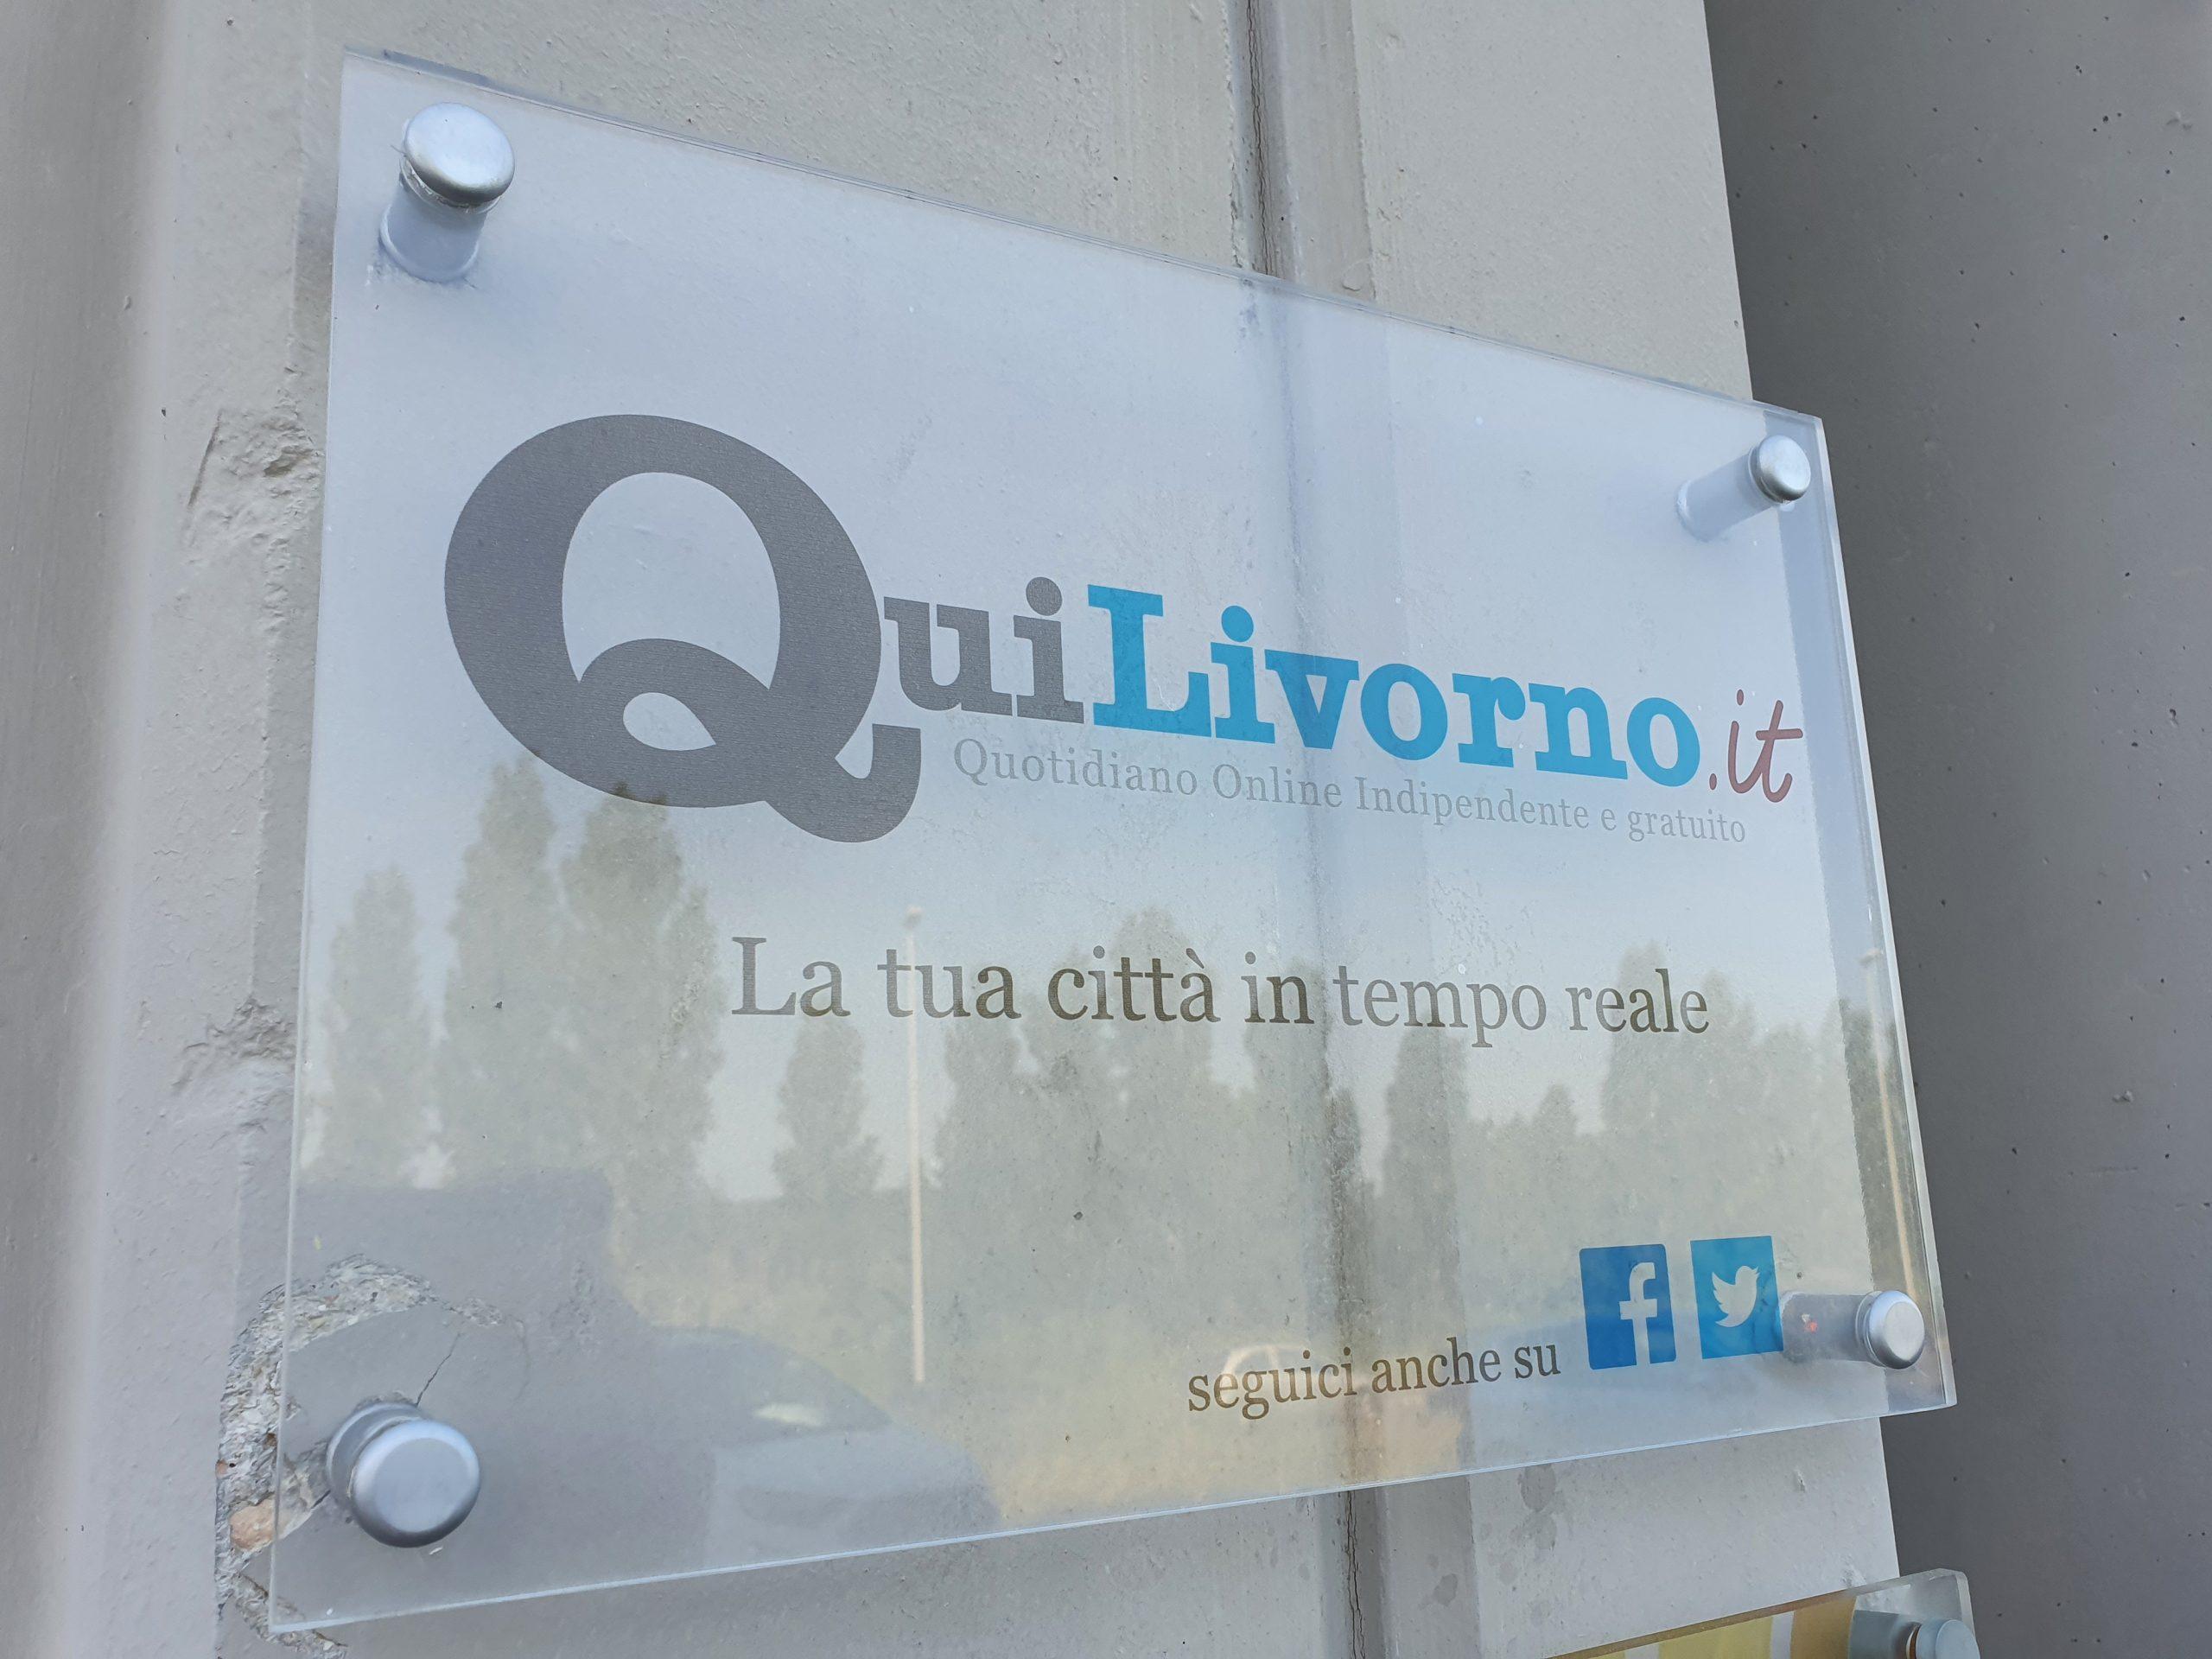 Insulti e minacce a QuiLivorno.it, la solidarietà dell ...